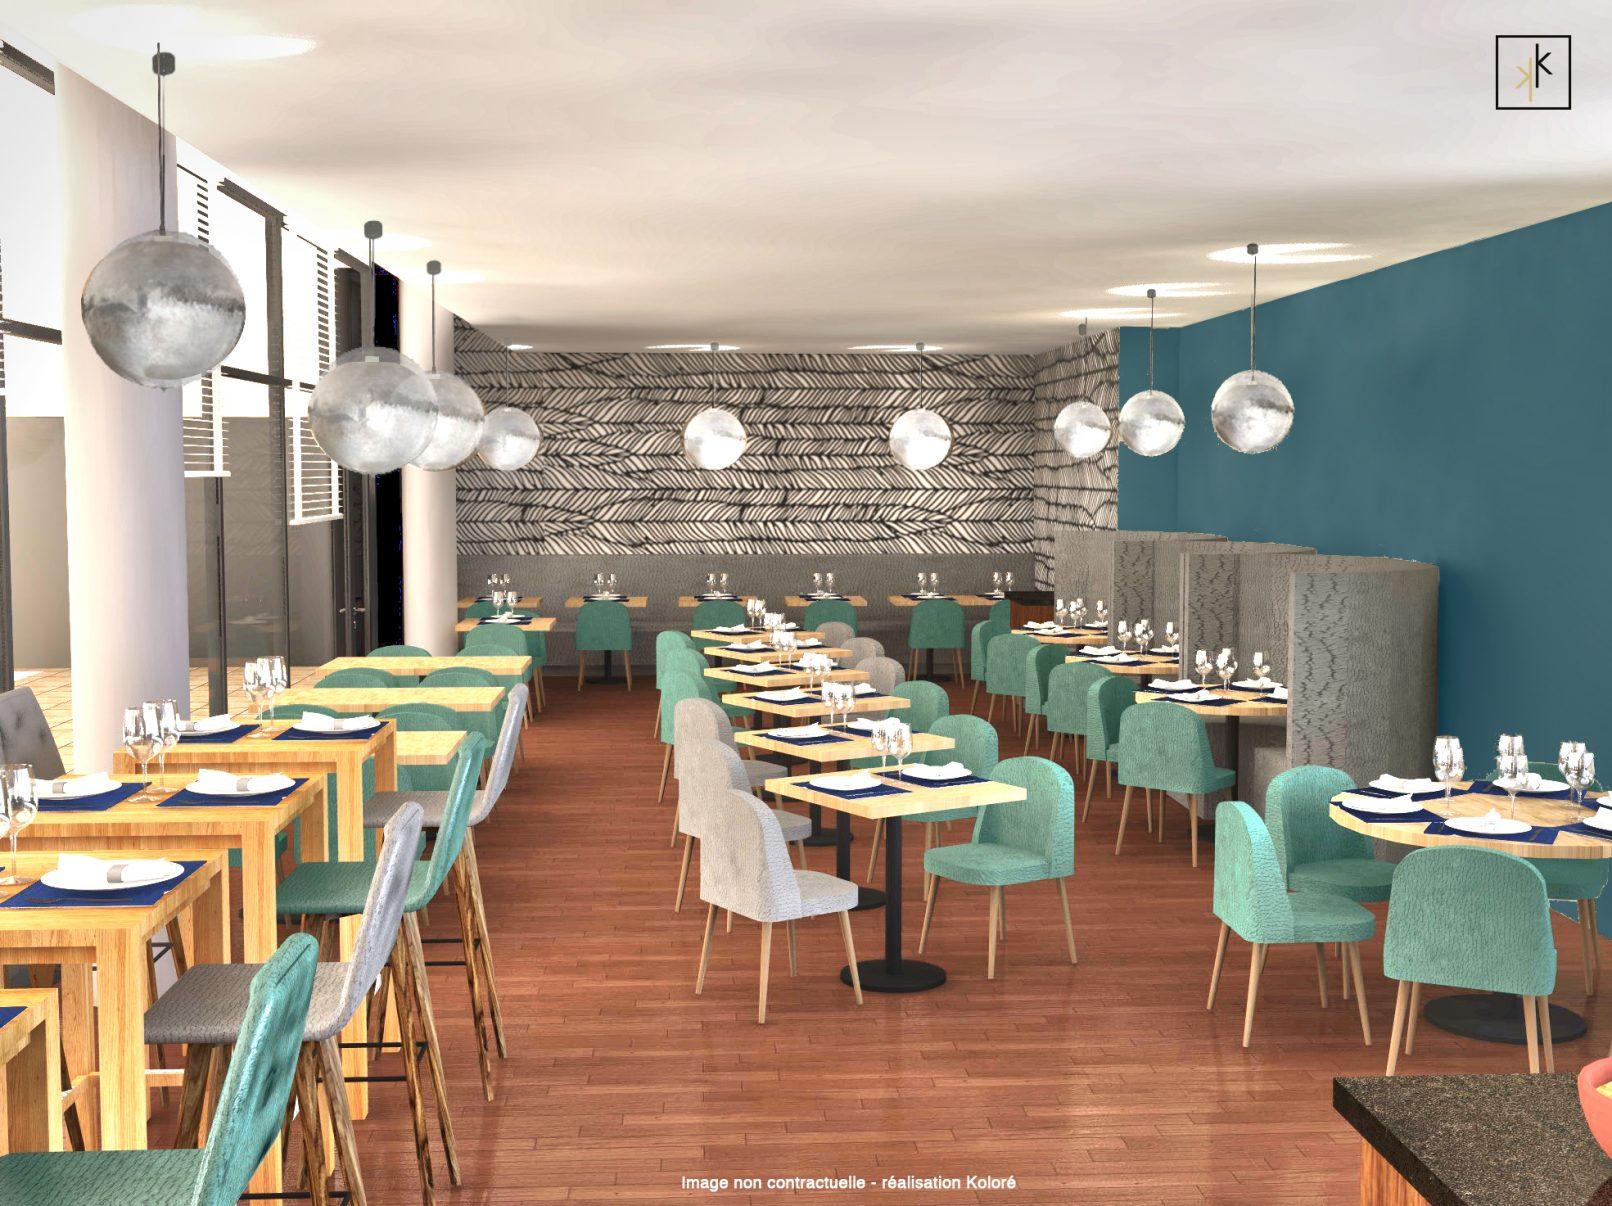 Restaurant - Koloré